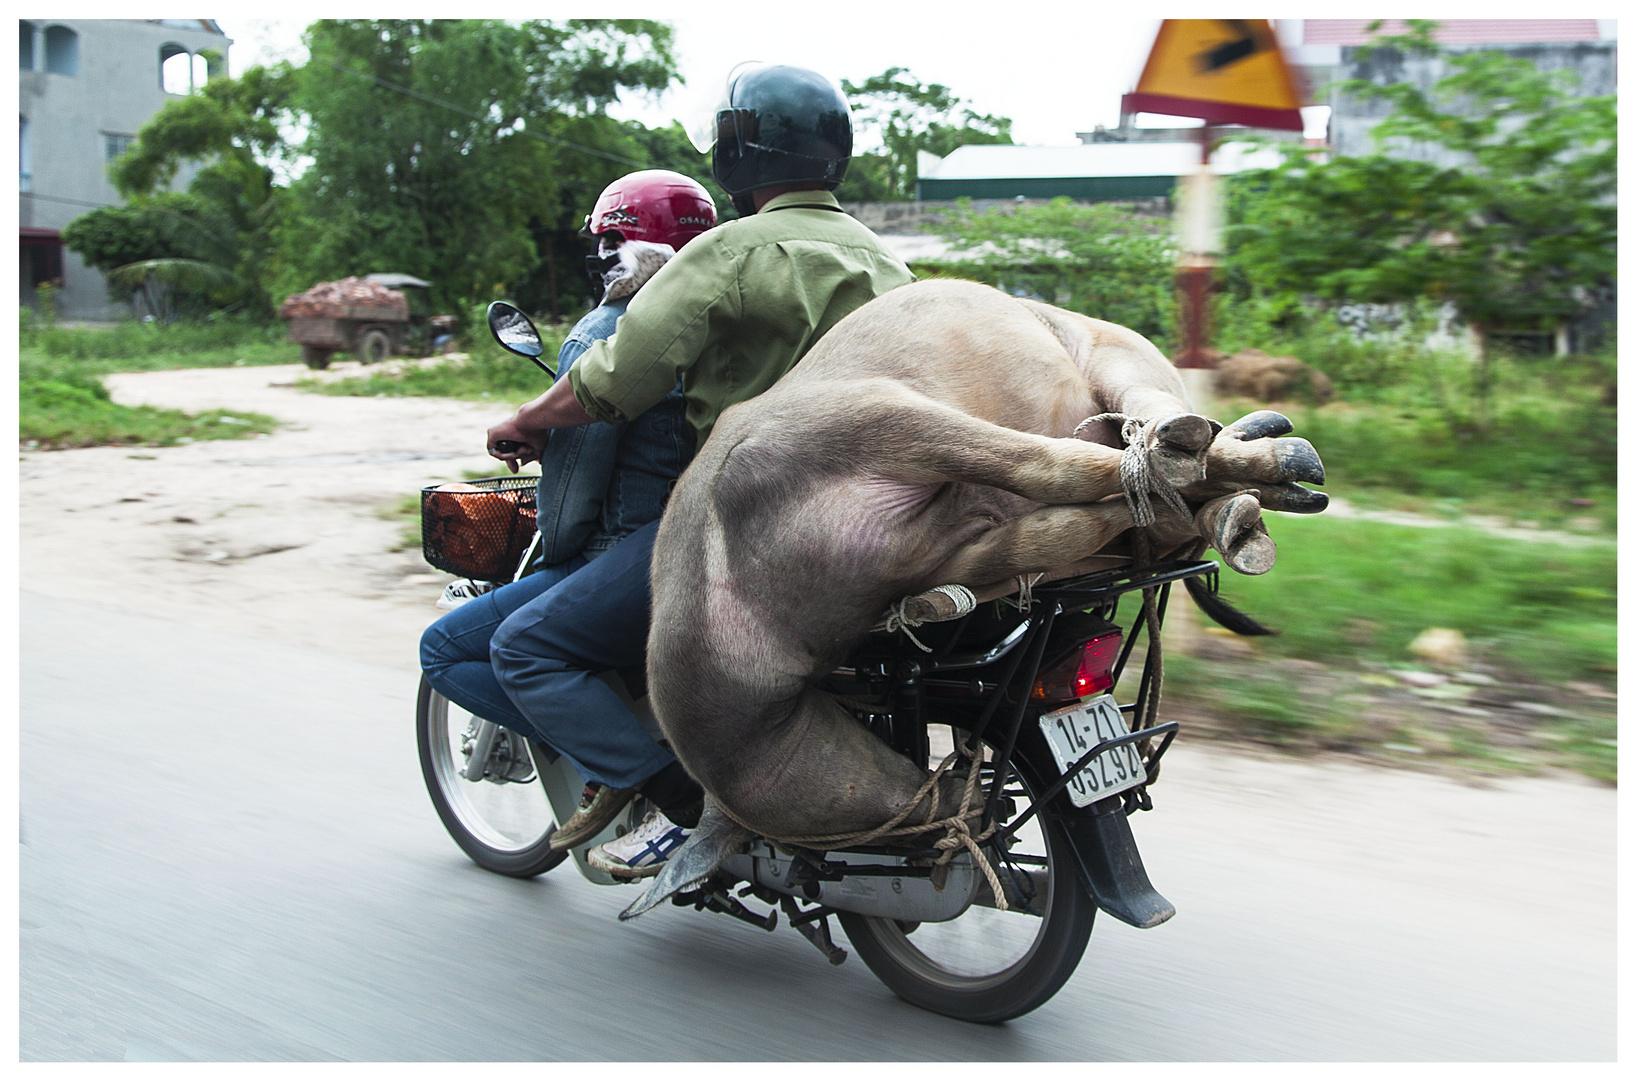 Artgerechter Viehtransport